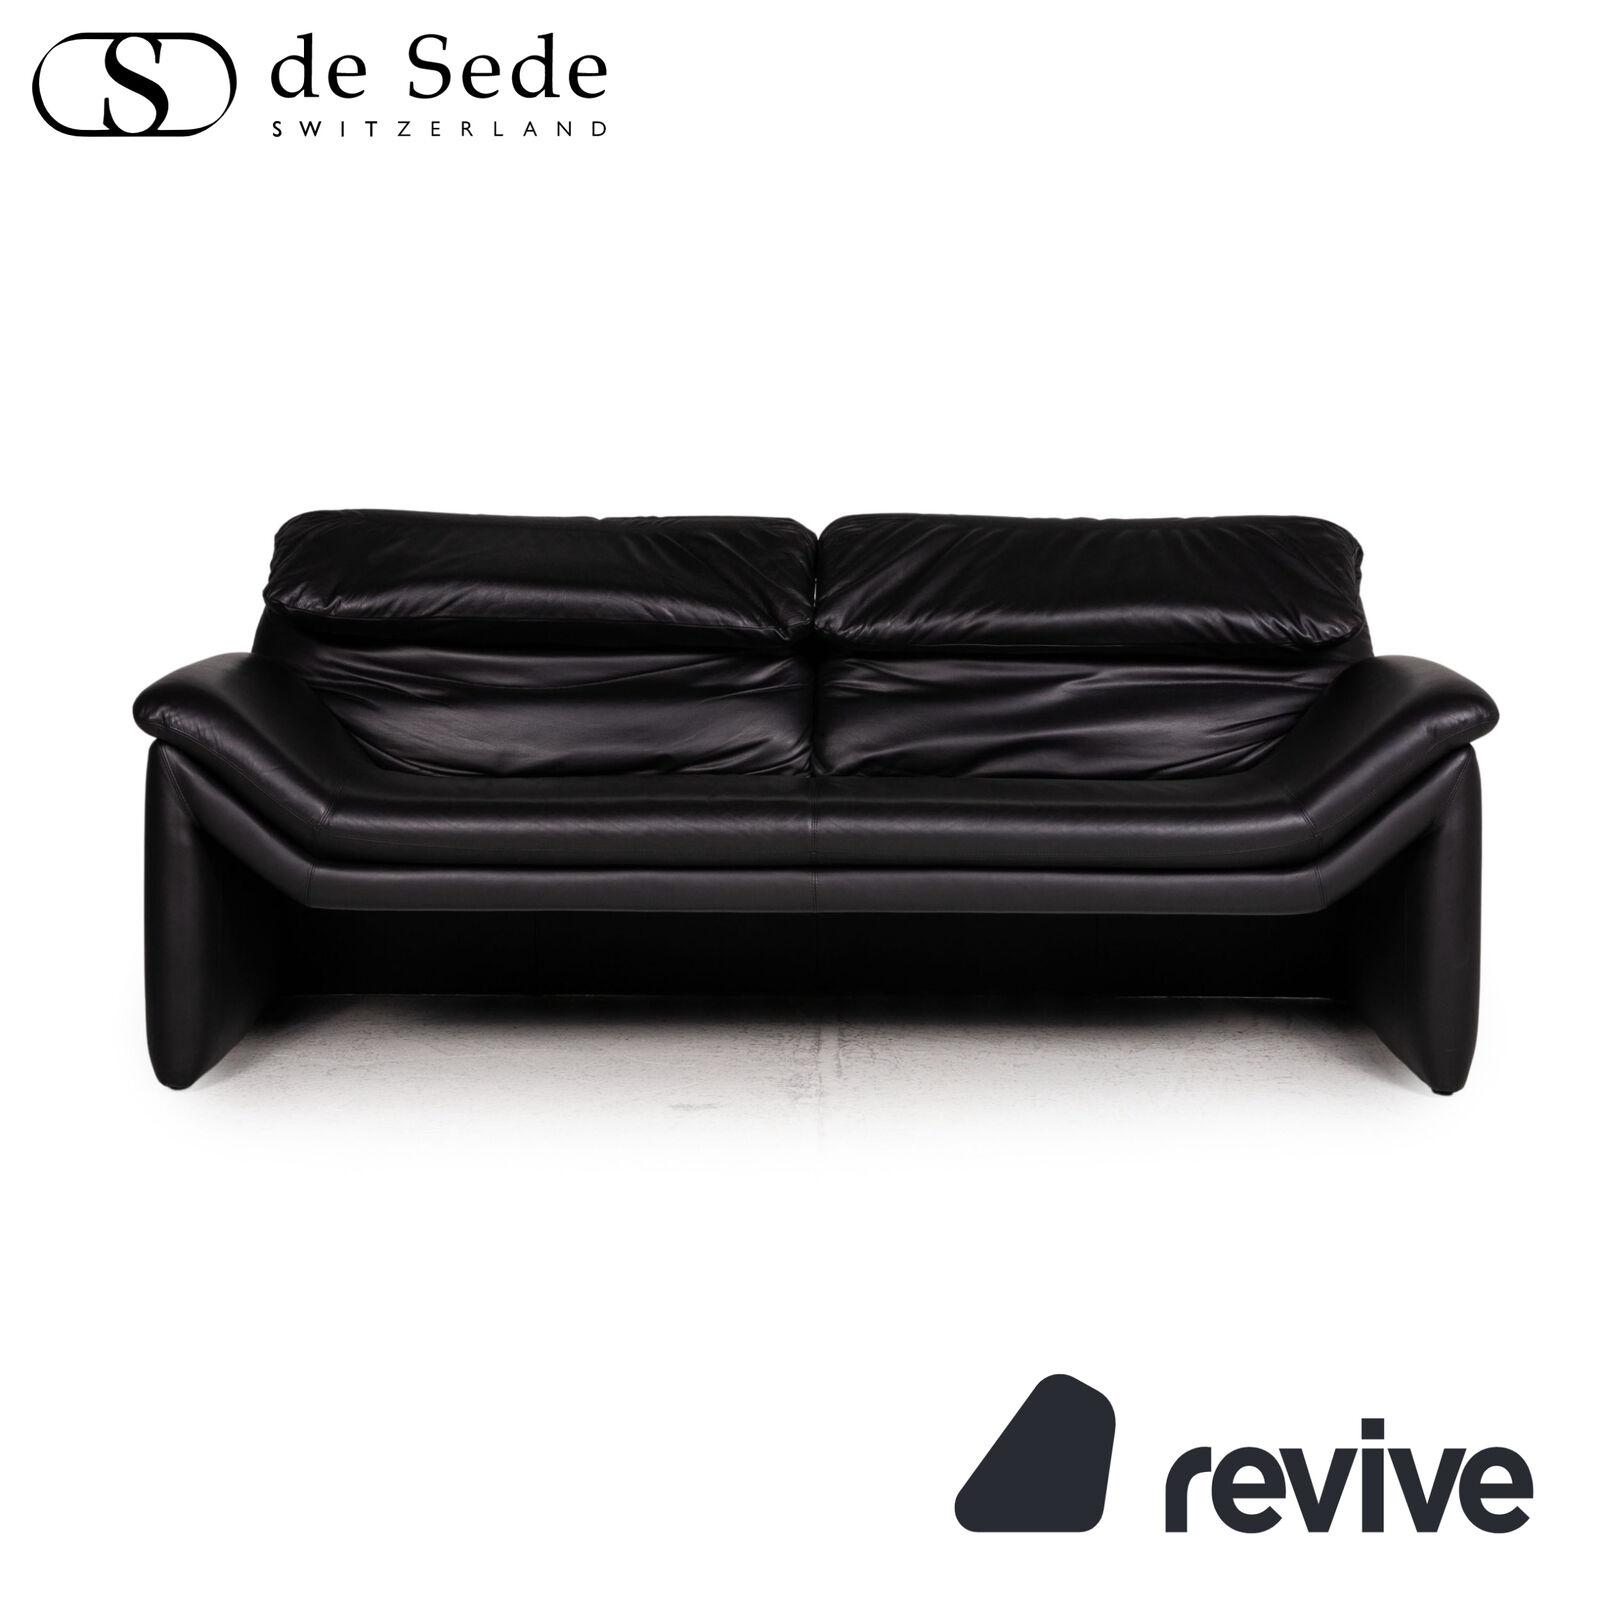 De den Sitz der sofá de cuero negro de dos plazas sofá función relaxfunktion